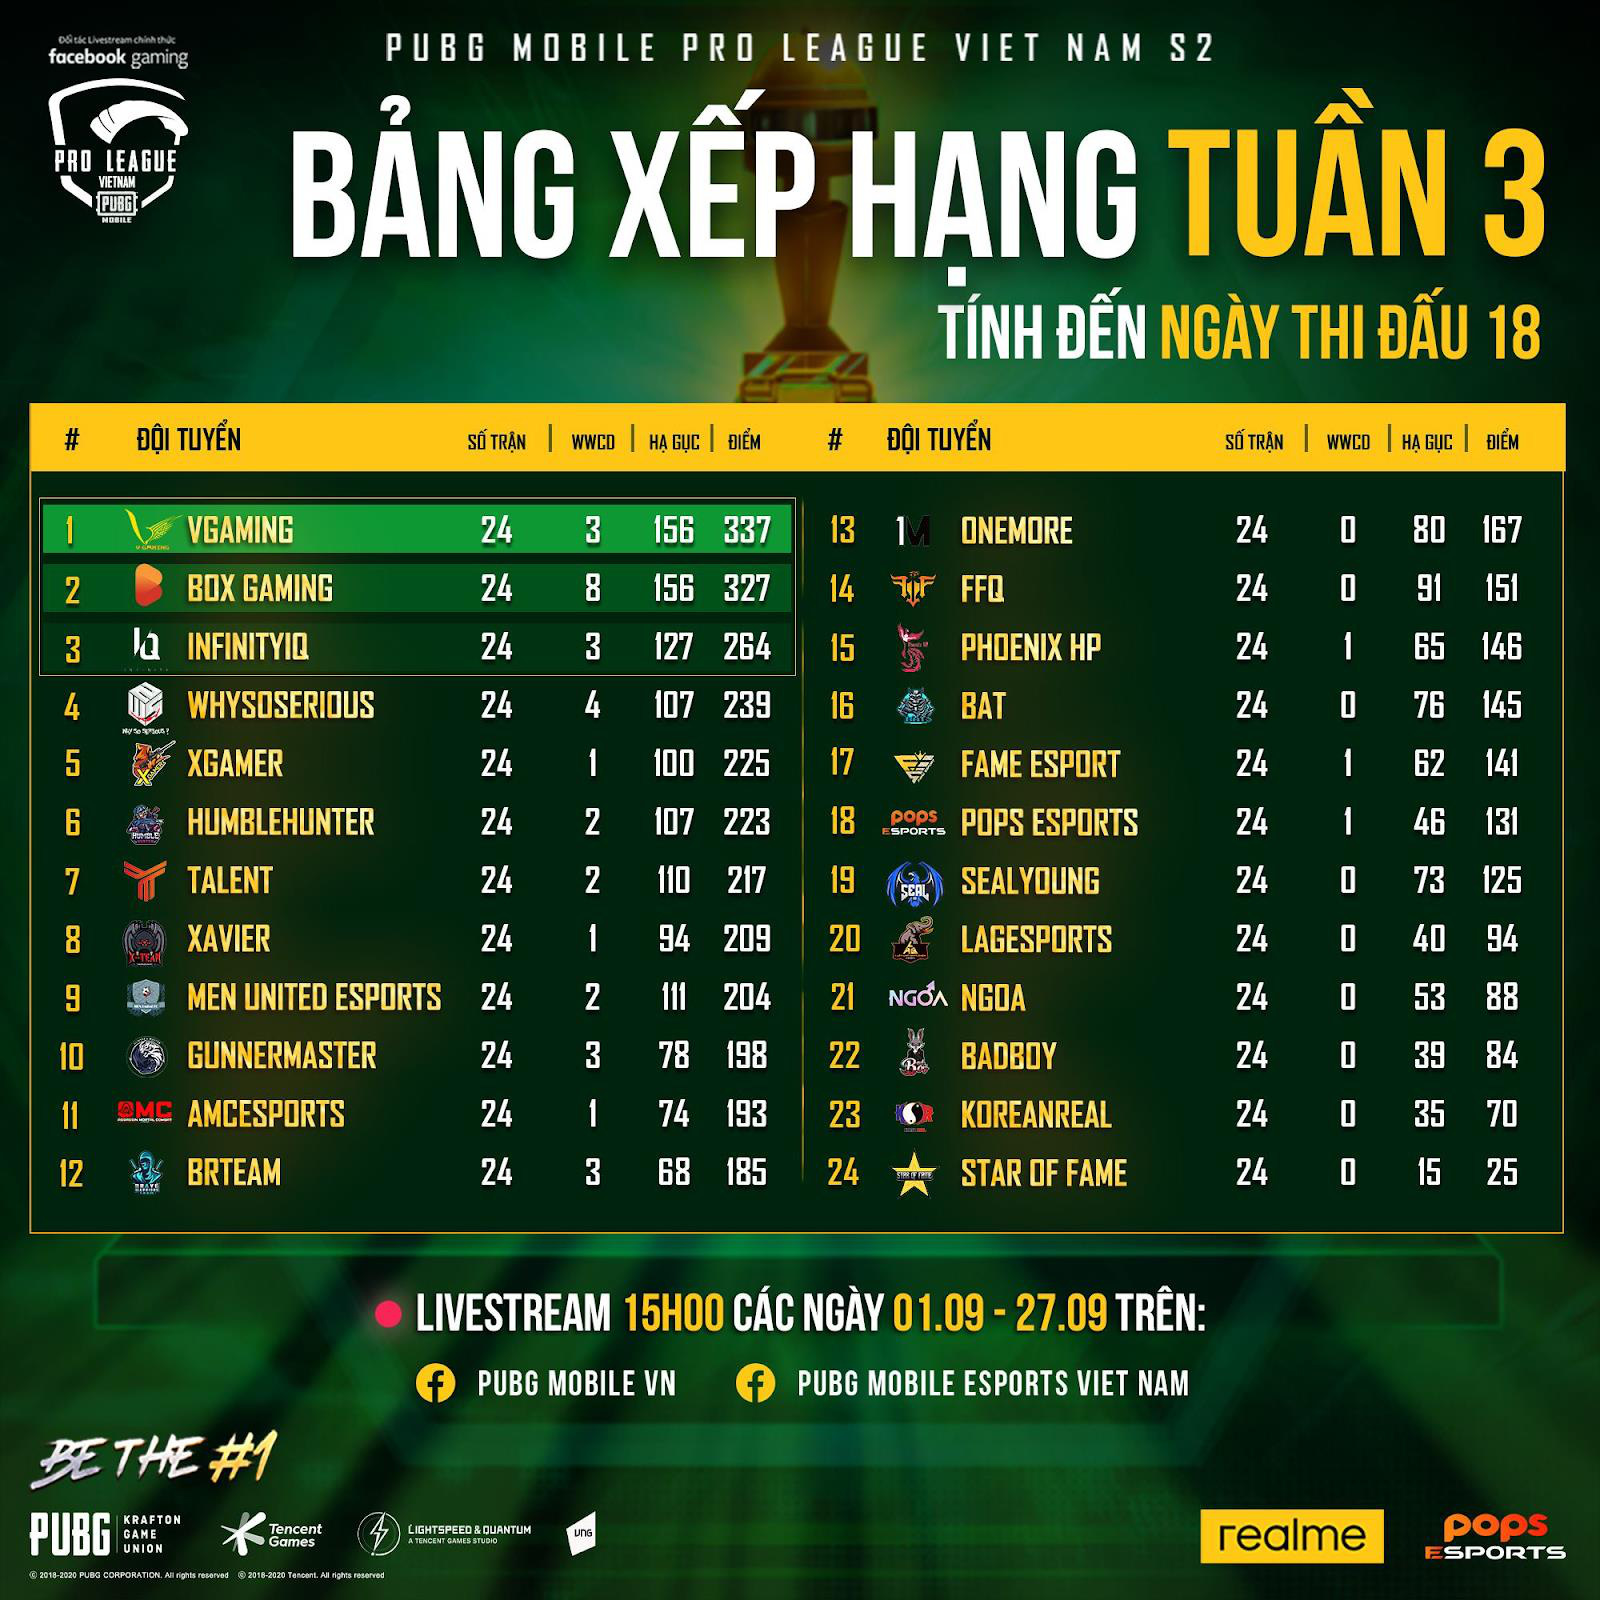 """PMPL VN S2 - Tuần 3: V Gaming xuất sắc trở thành nhà vô địch vòng Pro League, """"cựu vương"""" cũng kịp tăng tốc để chiếm lấy vị trí thứ 2 - Ảnh 2."""